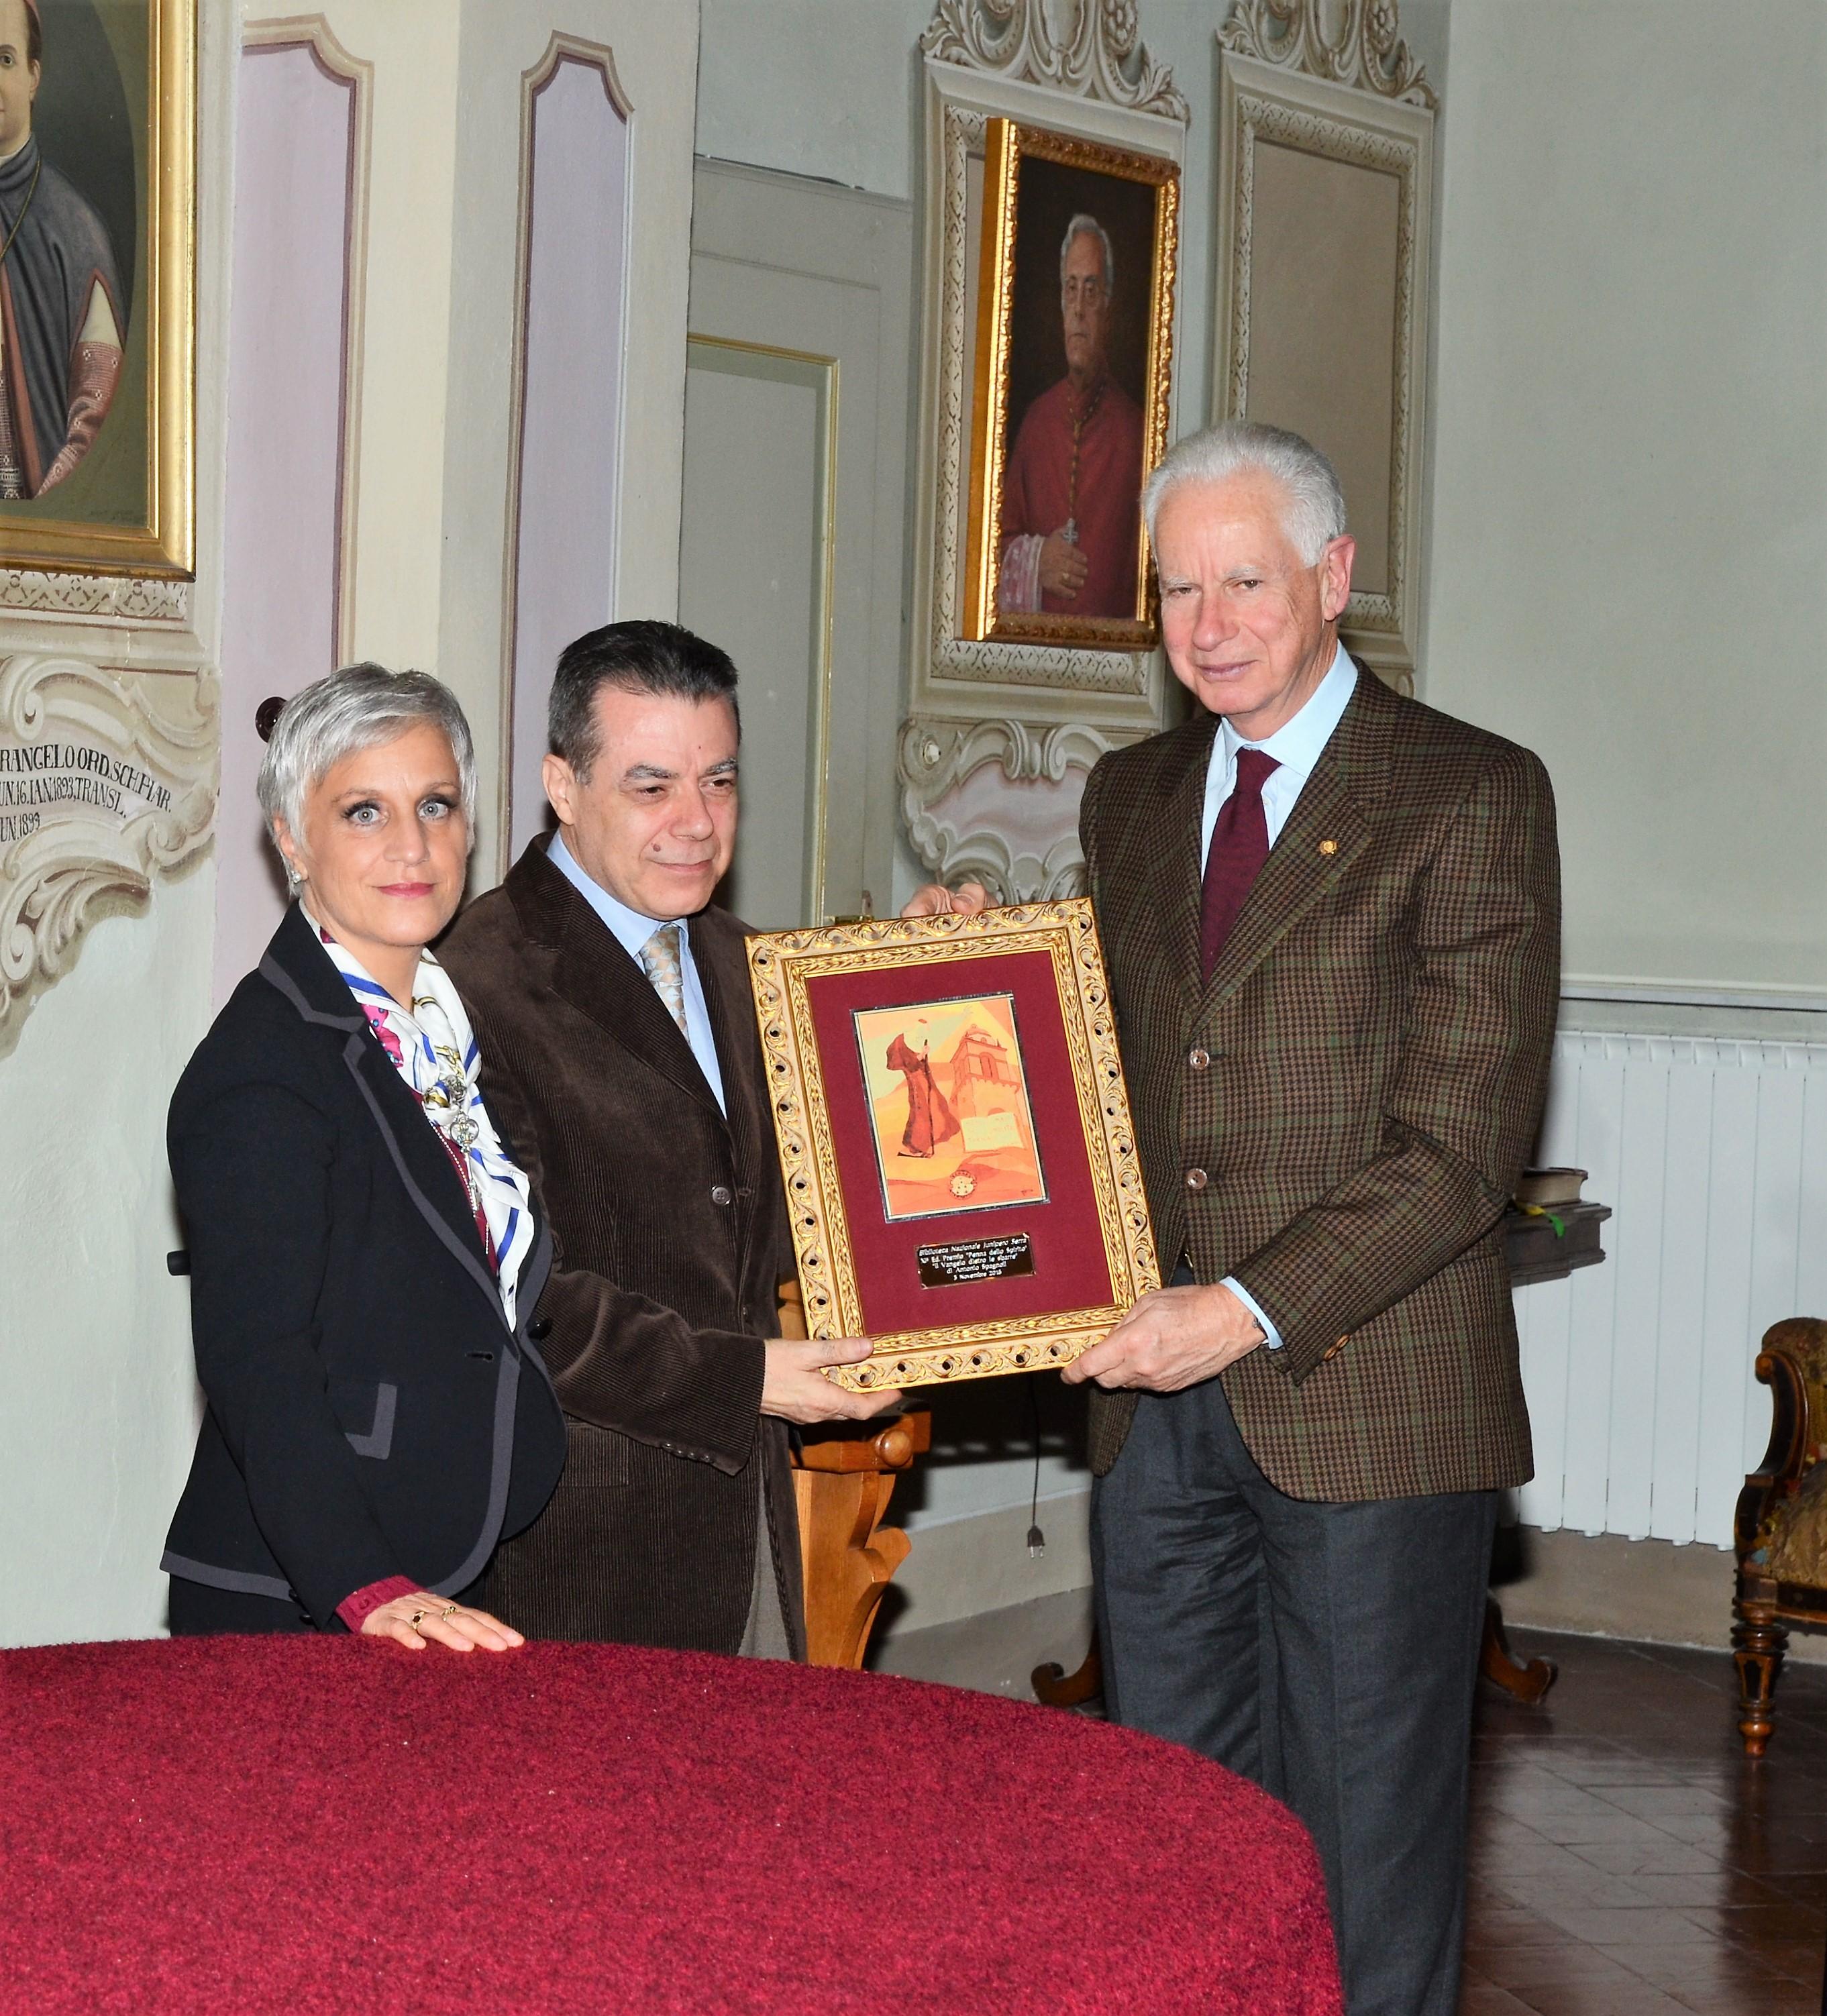 Il dr. Emanuel Costa Vicepresidente del Consiglio nazionale italiano del Serra consegna il premio 2016 ad Antonio Spagnoli